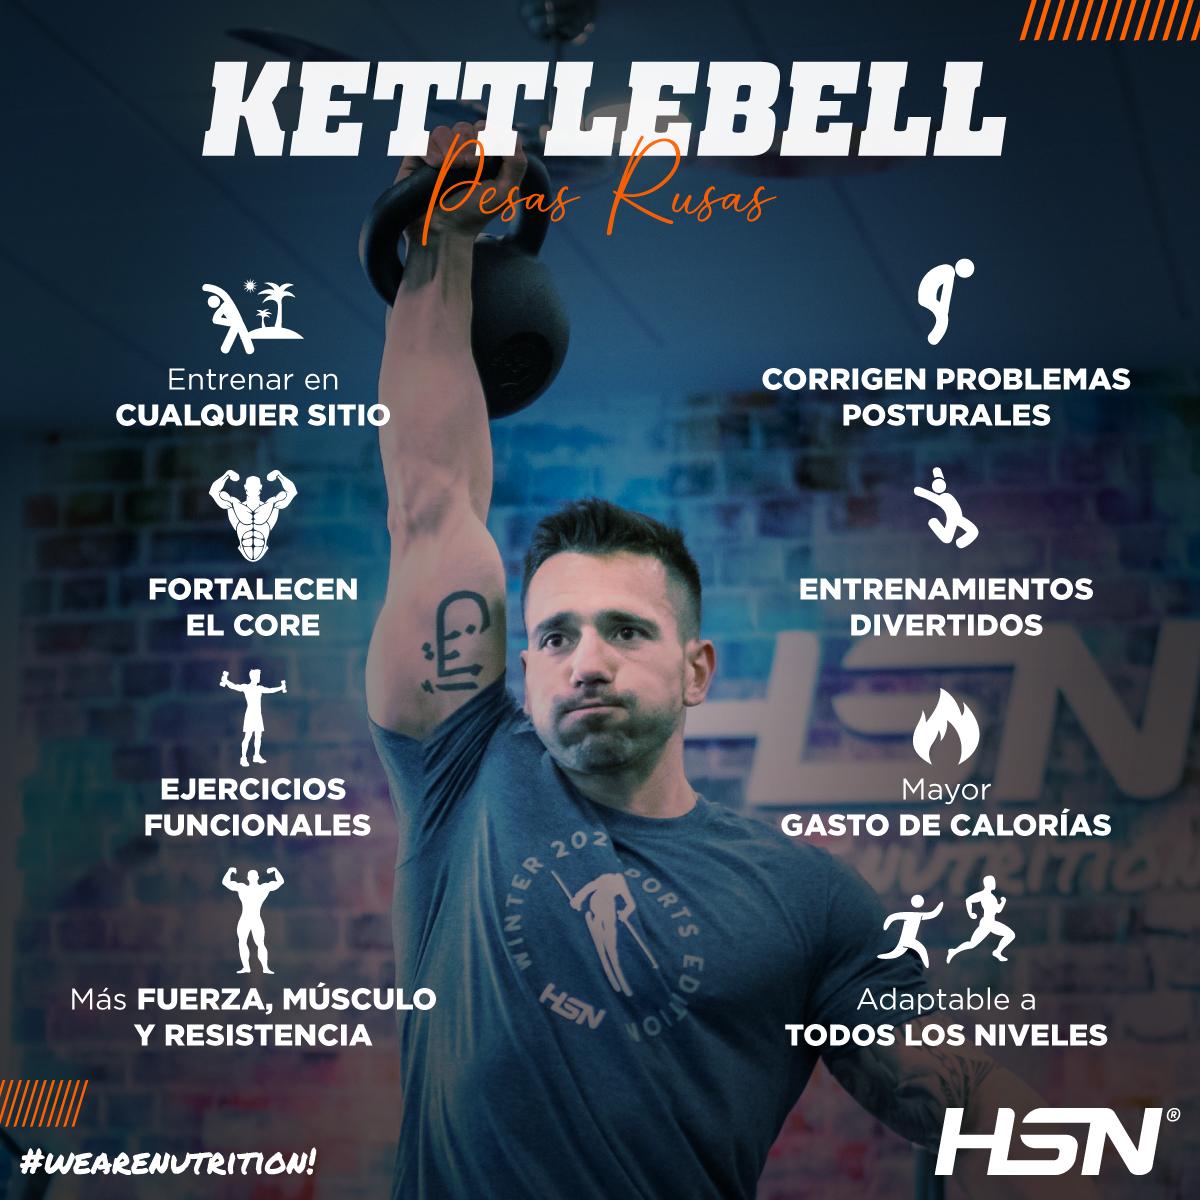 Anímate y prueba el entrenamiento kettlebell